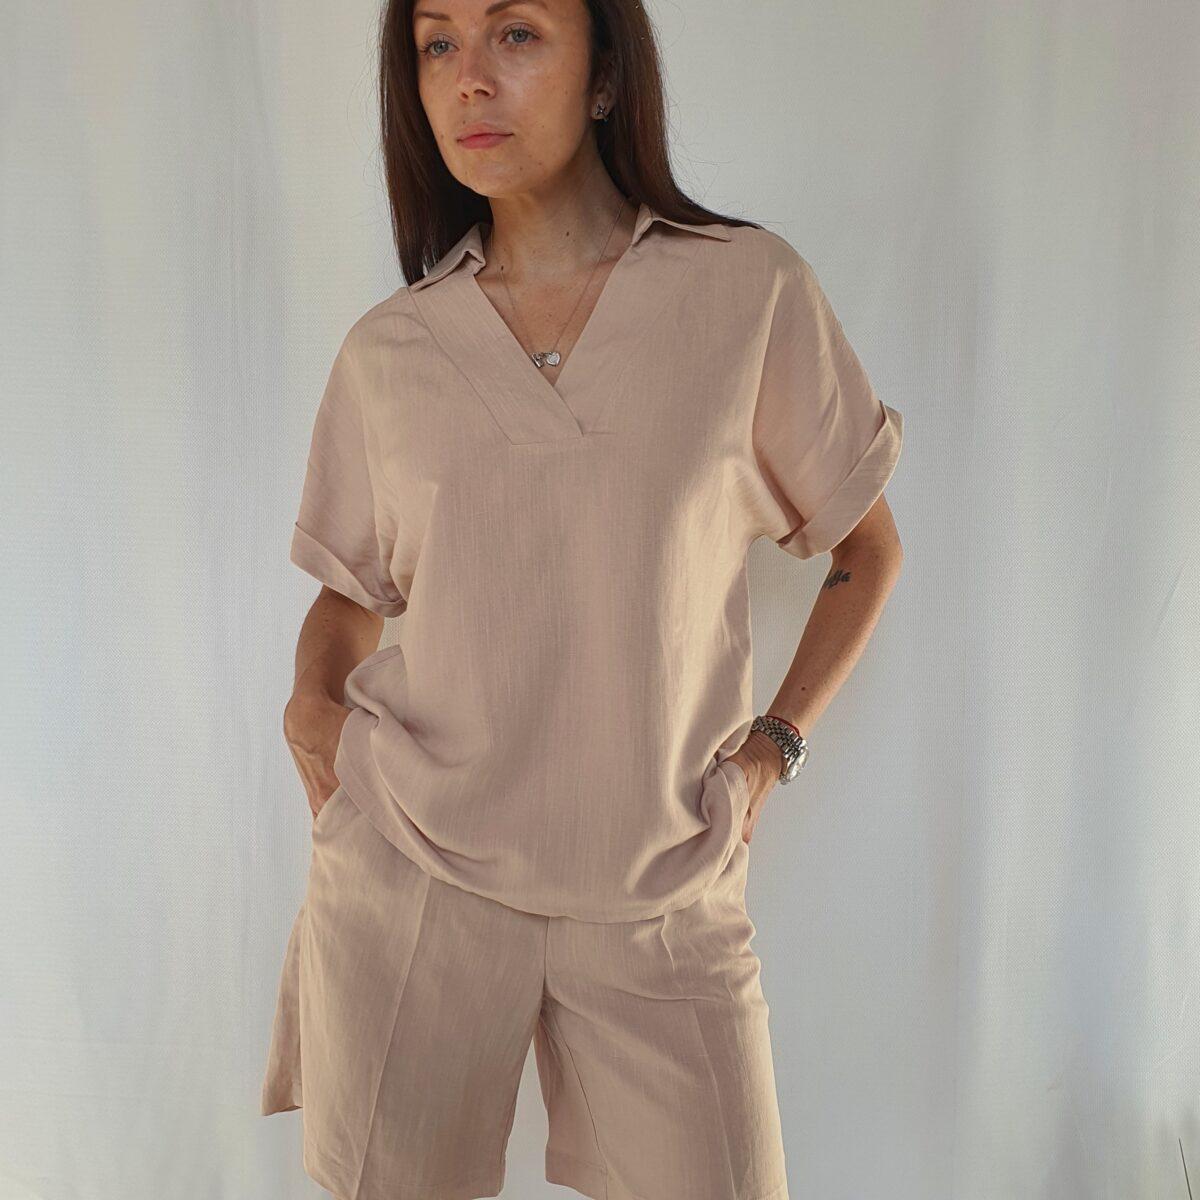 Костюм. Рубашка с коротким рукавом и шорты удлиненные, цвет - беж